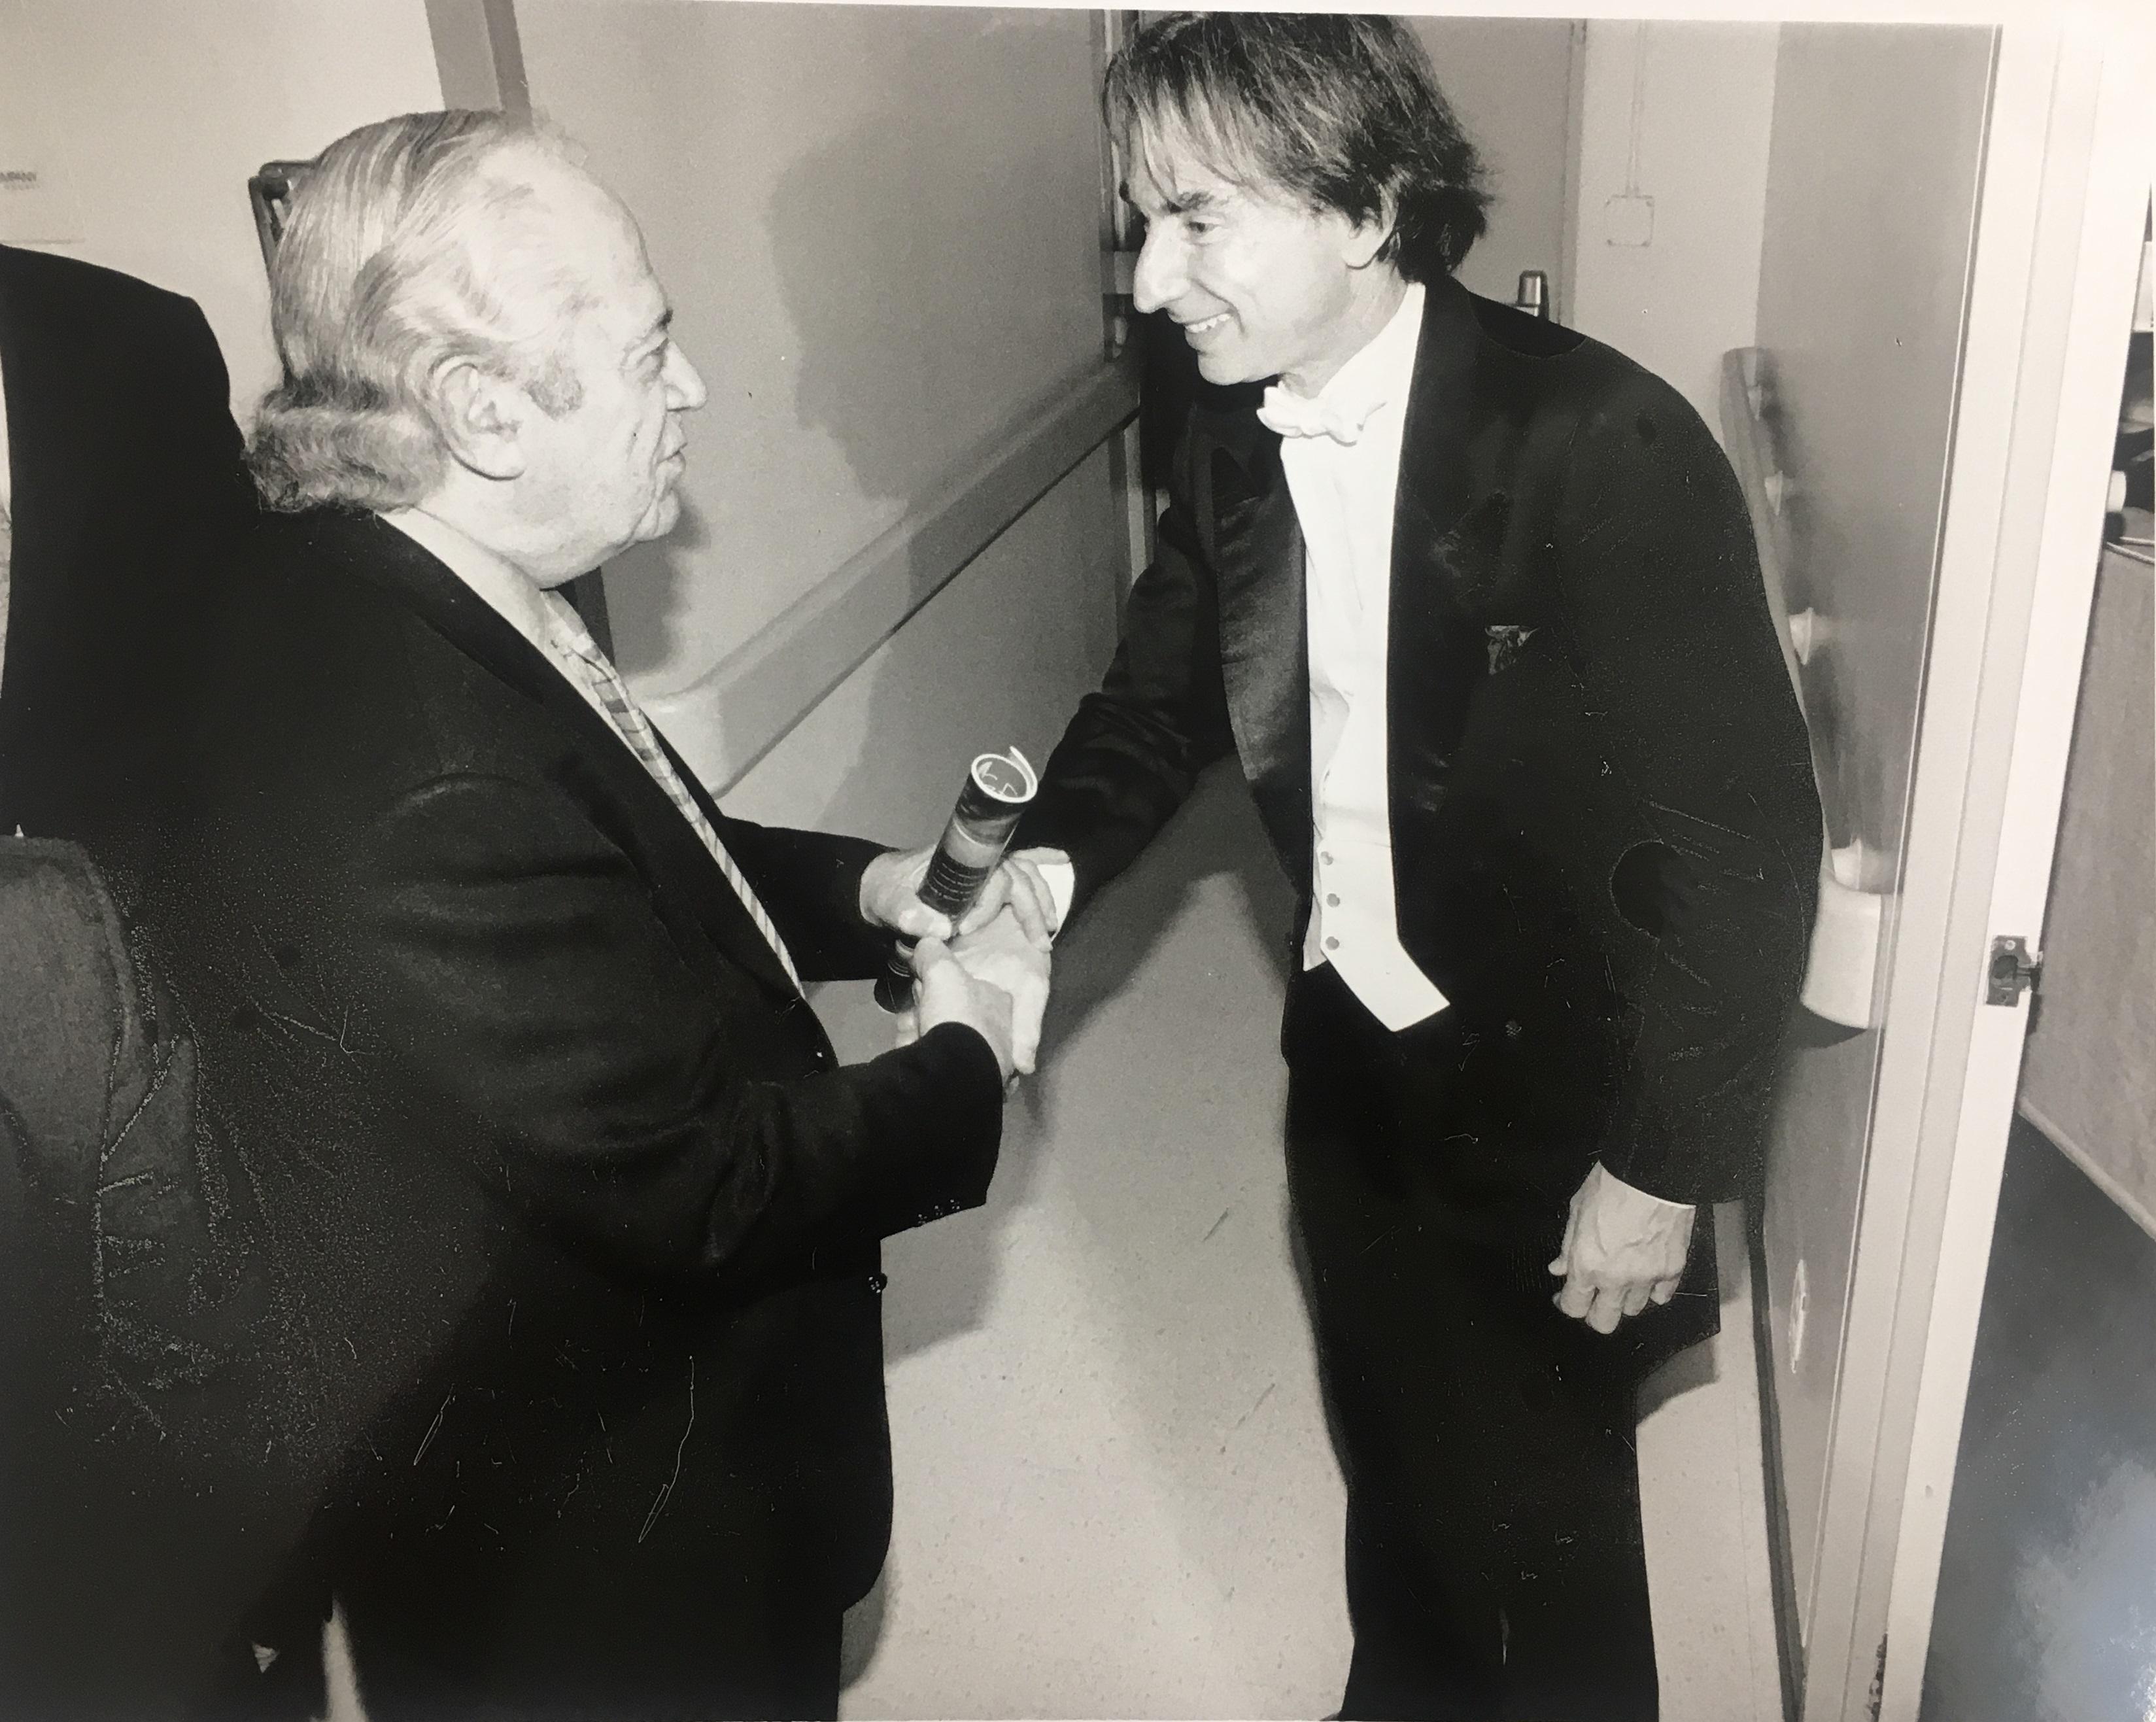 El ex invitado principal de LA Phil, director de orquesta Michael Tilson Thomas, estrecha la mano del hombre que le dio el trabajo, el ex gerente general Ernest Fleischmann.